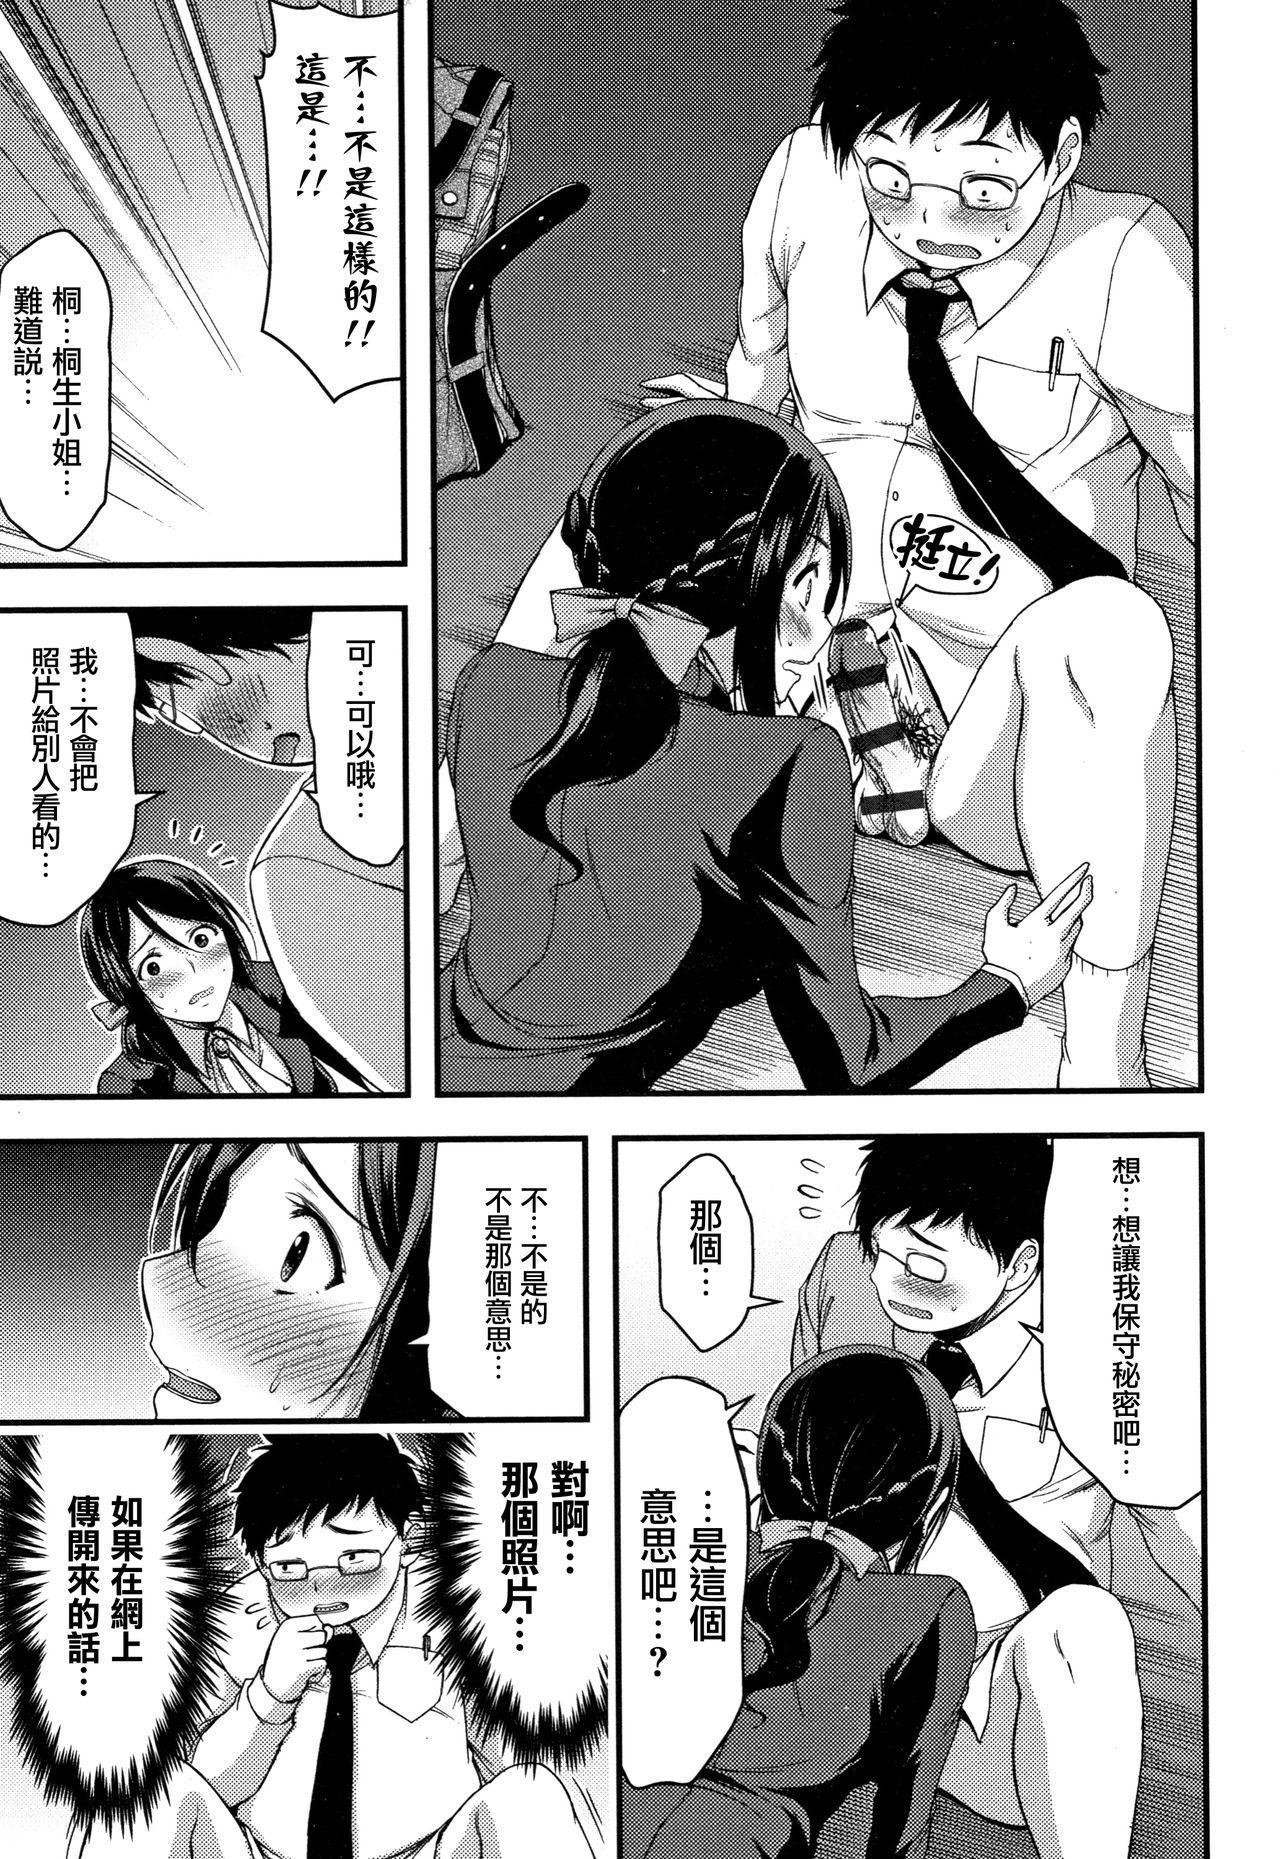 Nichijou Bitch Seitai Kansatsu 129